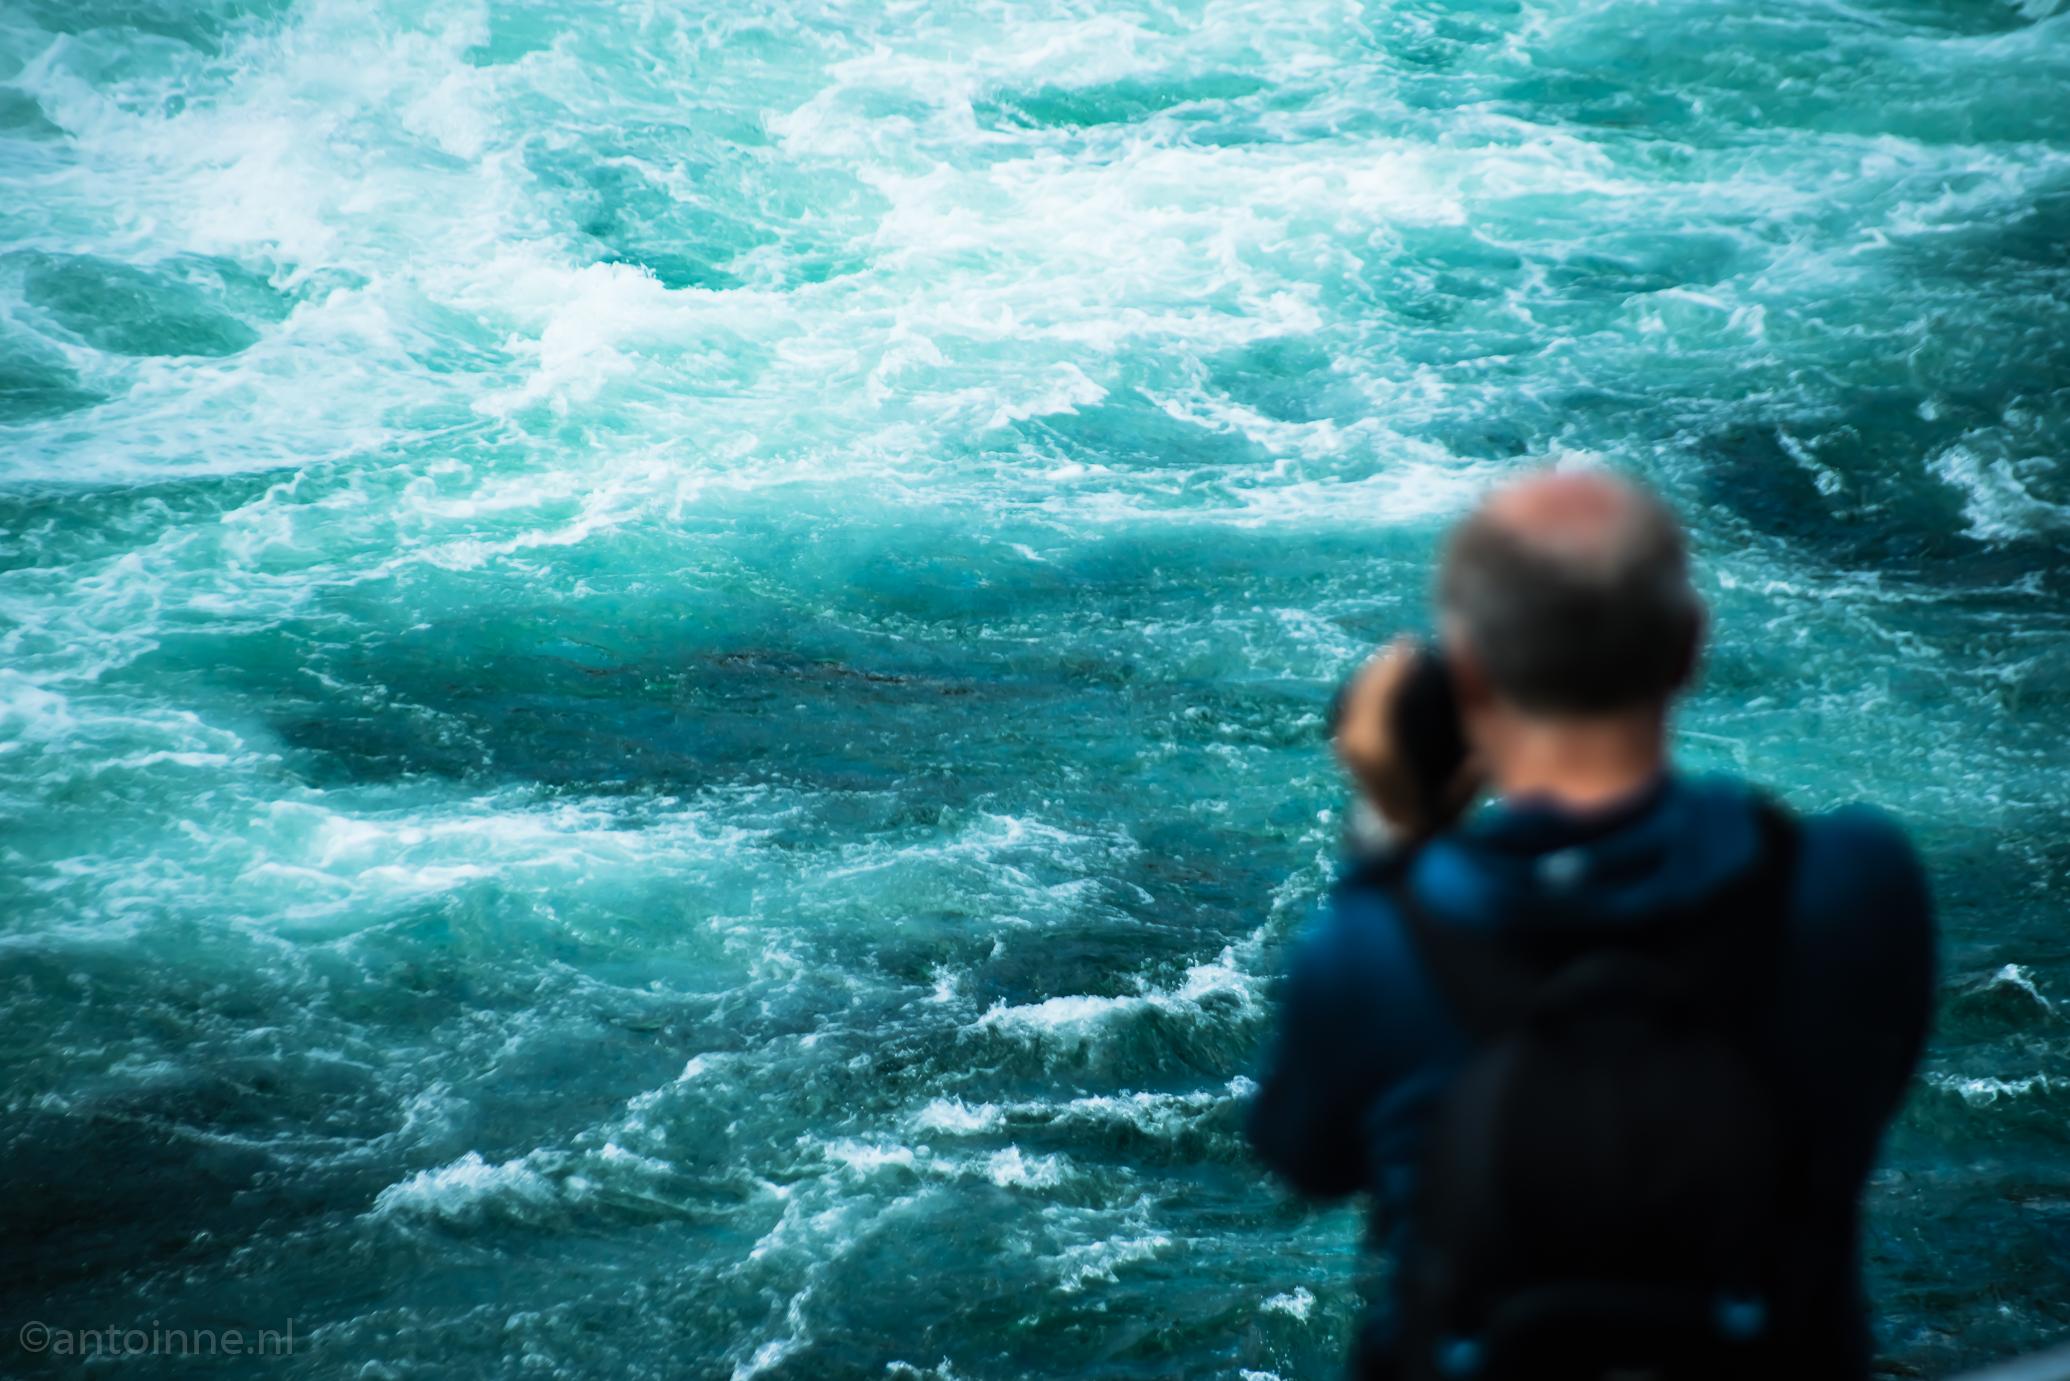 Rheinfall (Rhine Falls)